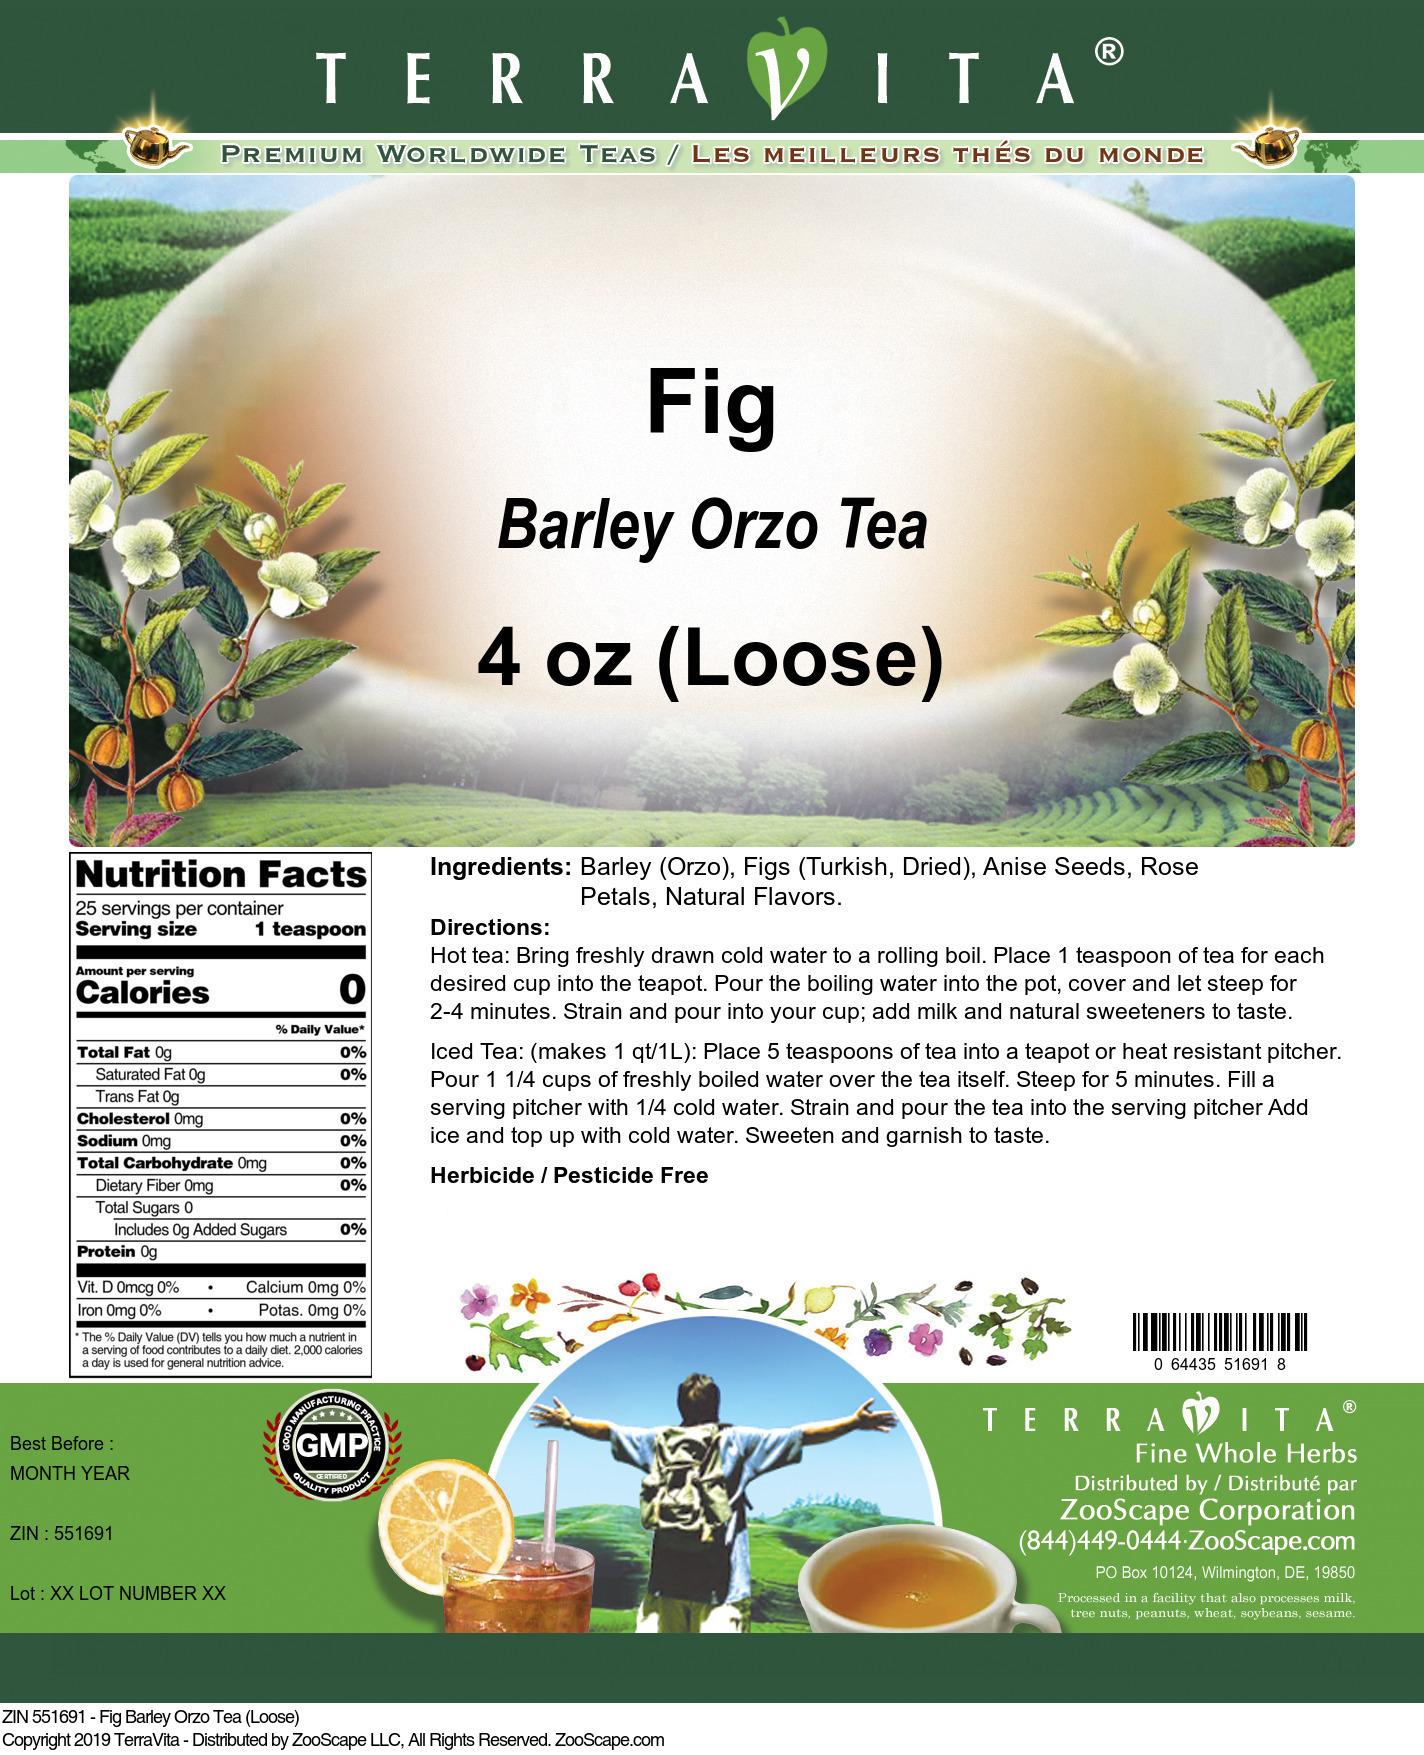 Fig Barley Orzo Tea (Loose)